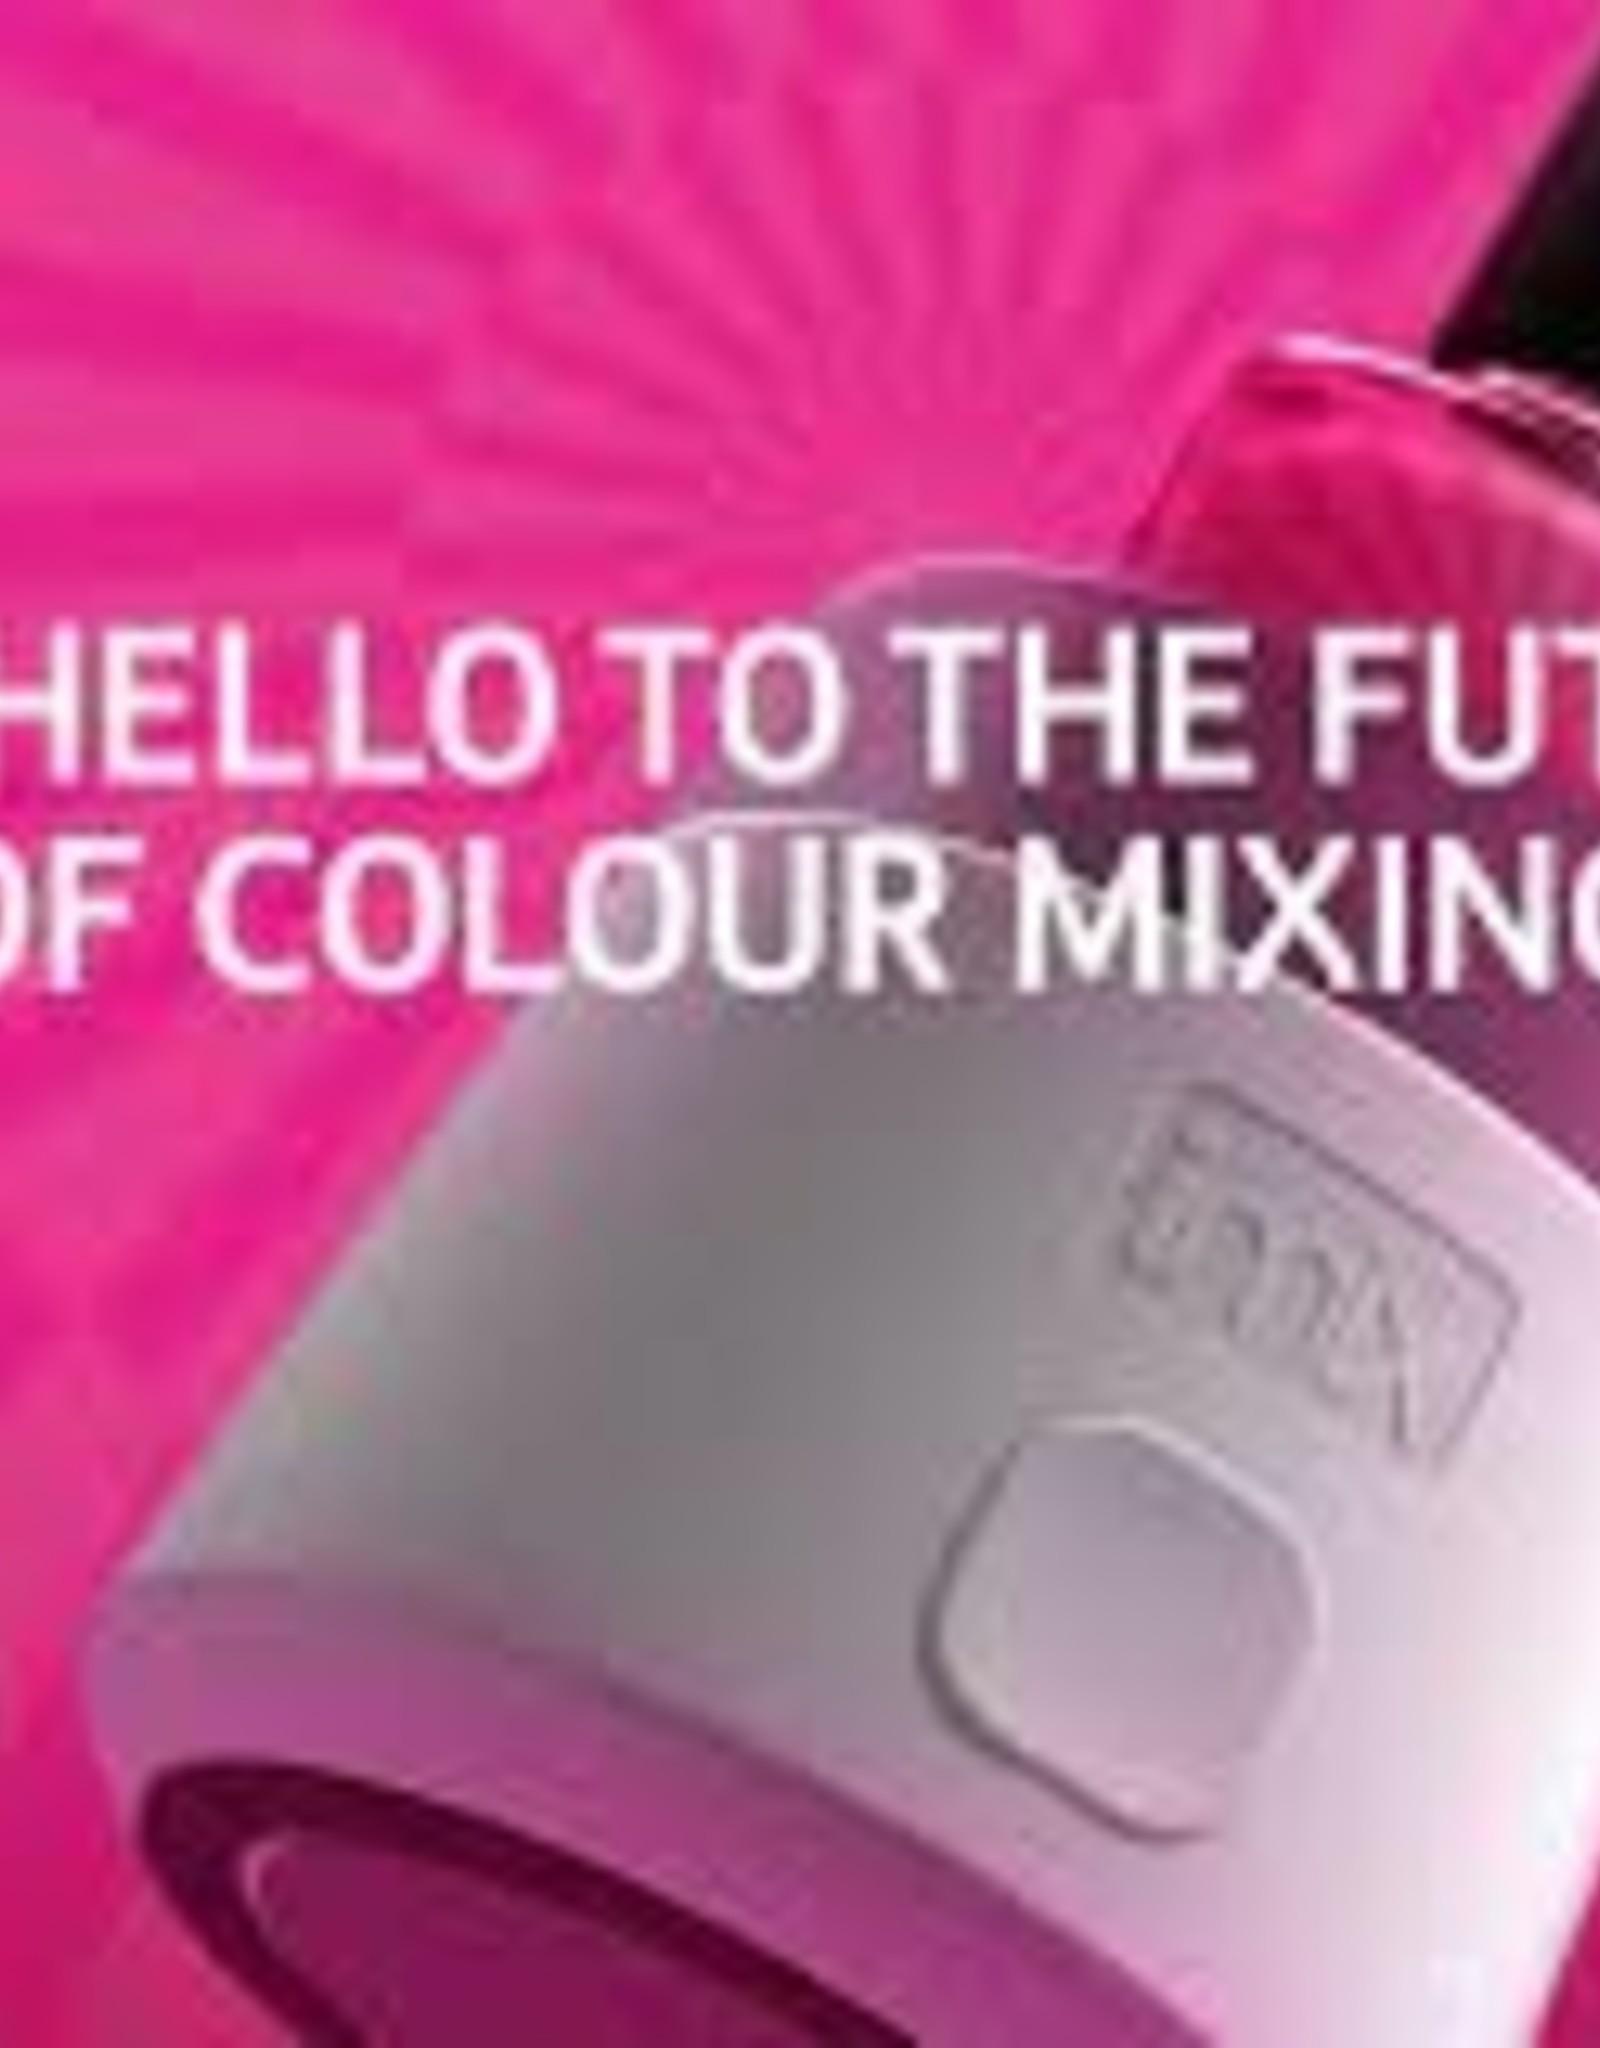 imix mixer pack 20